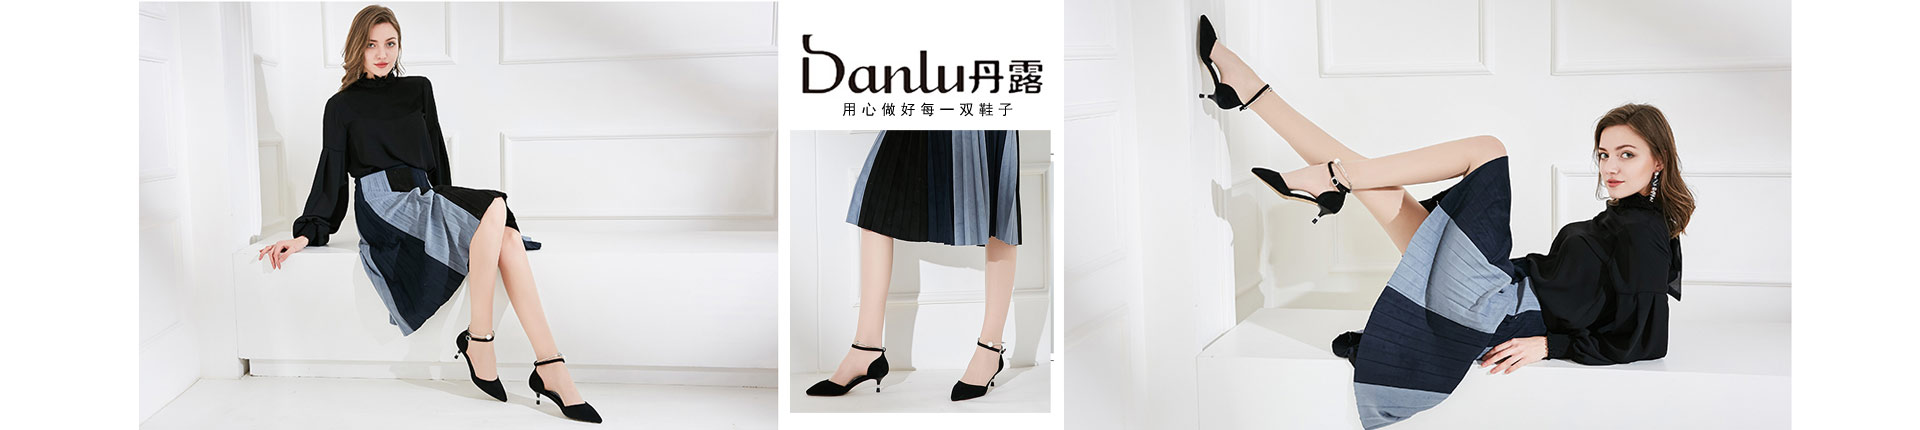 丹露官方网站